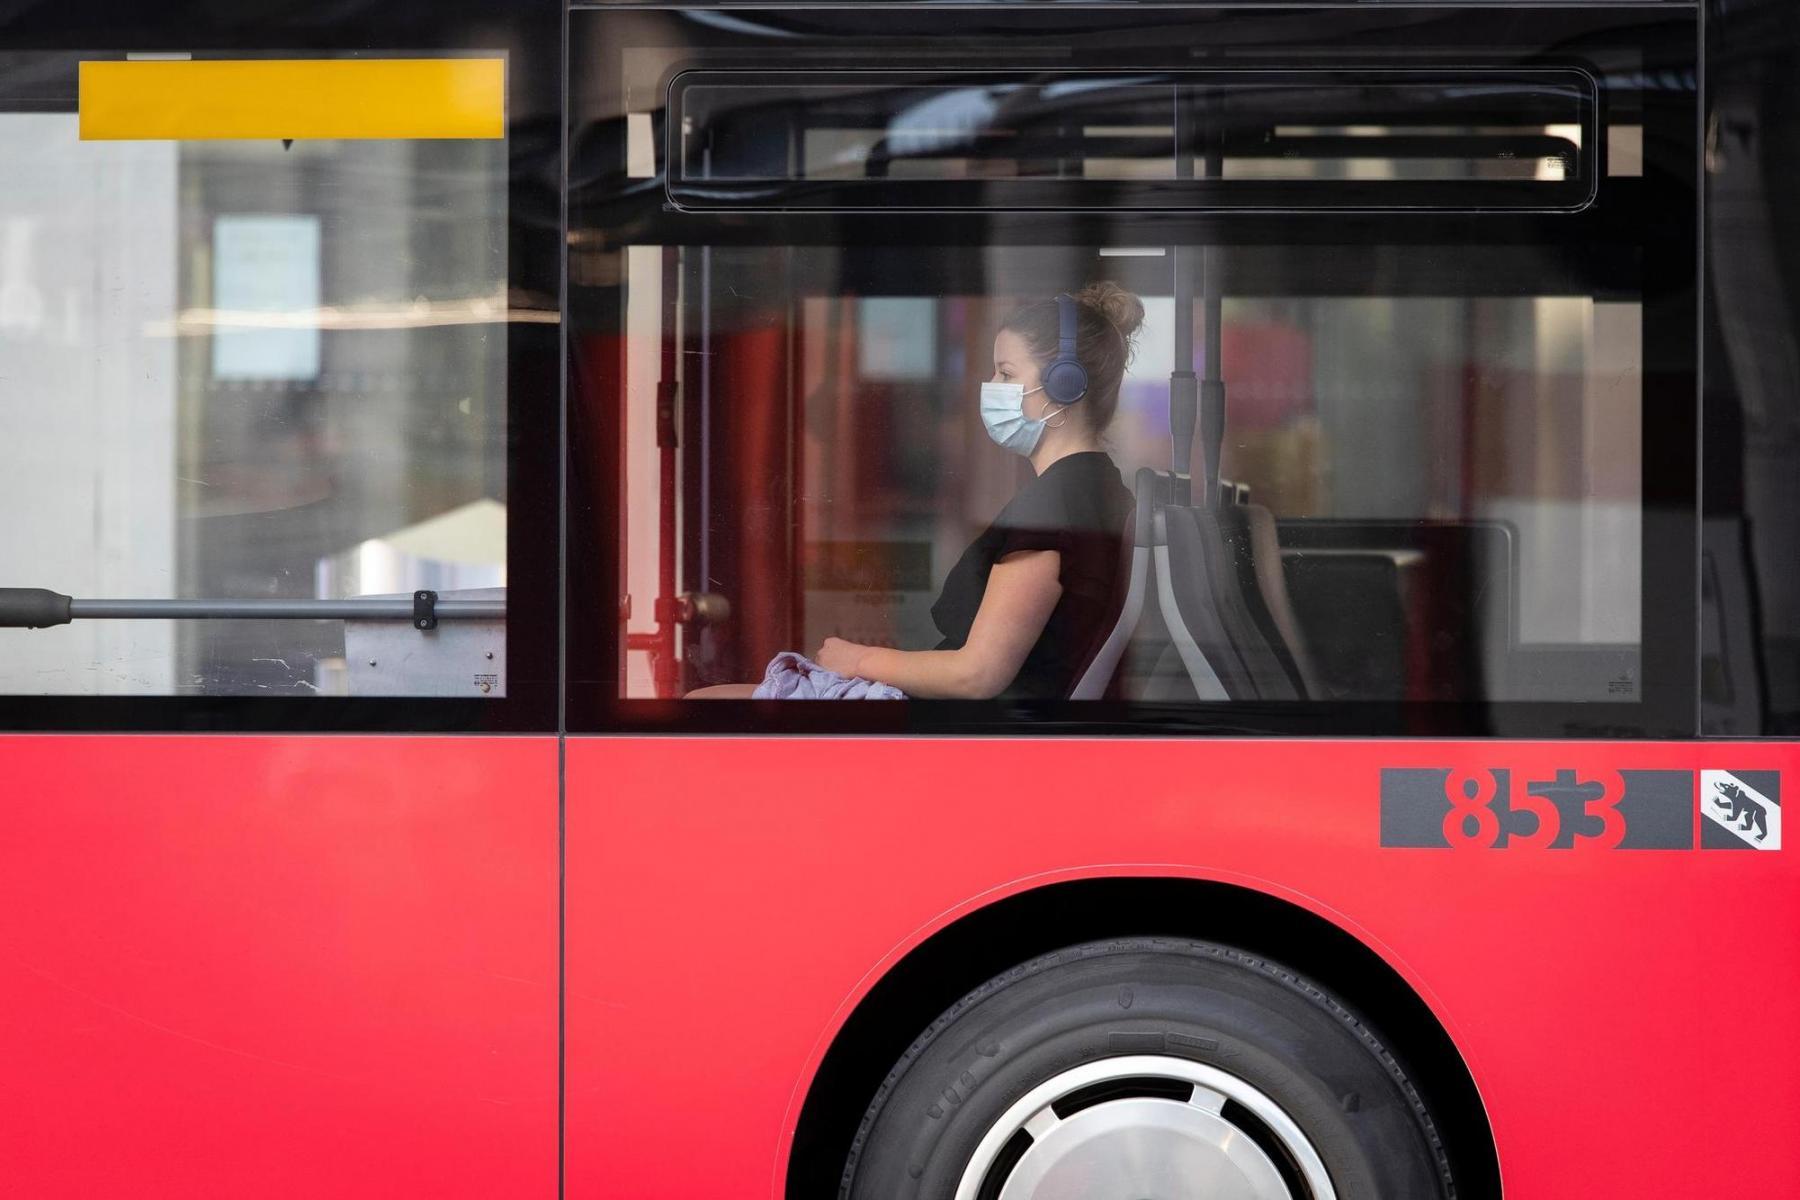 6. Juli 2020 in Bern. Im Sommer kam dann doch die Maskenpflicht im öffentlichen Verkehr, die in der Schweiz umstritten war und zunächst auch nicht in allen Kantonen galt. Foto: Nicole Philipp